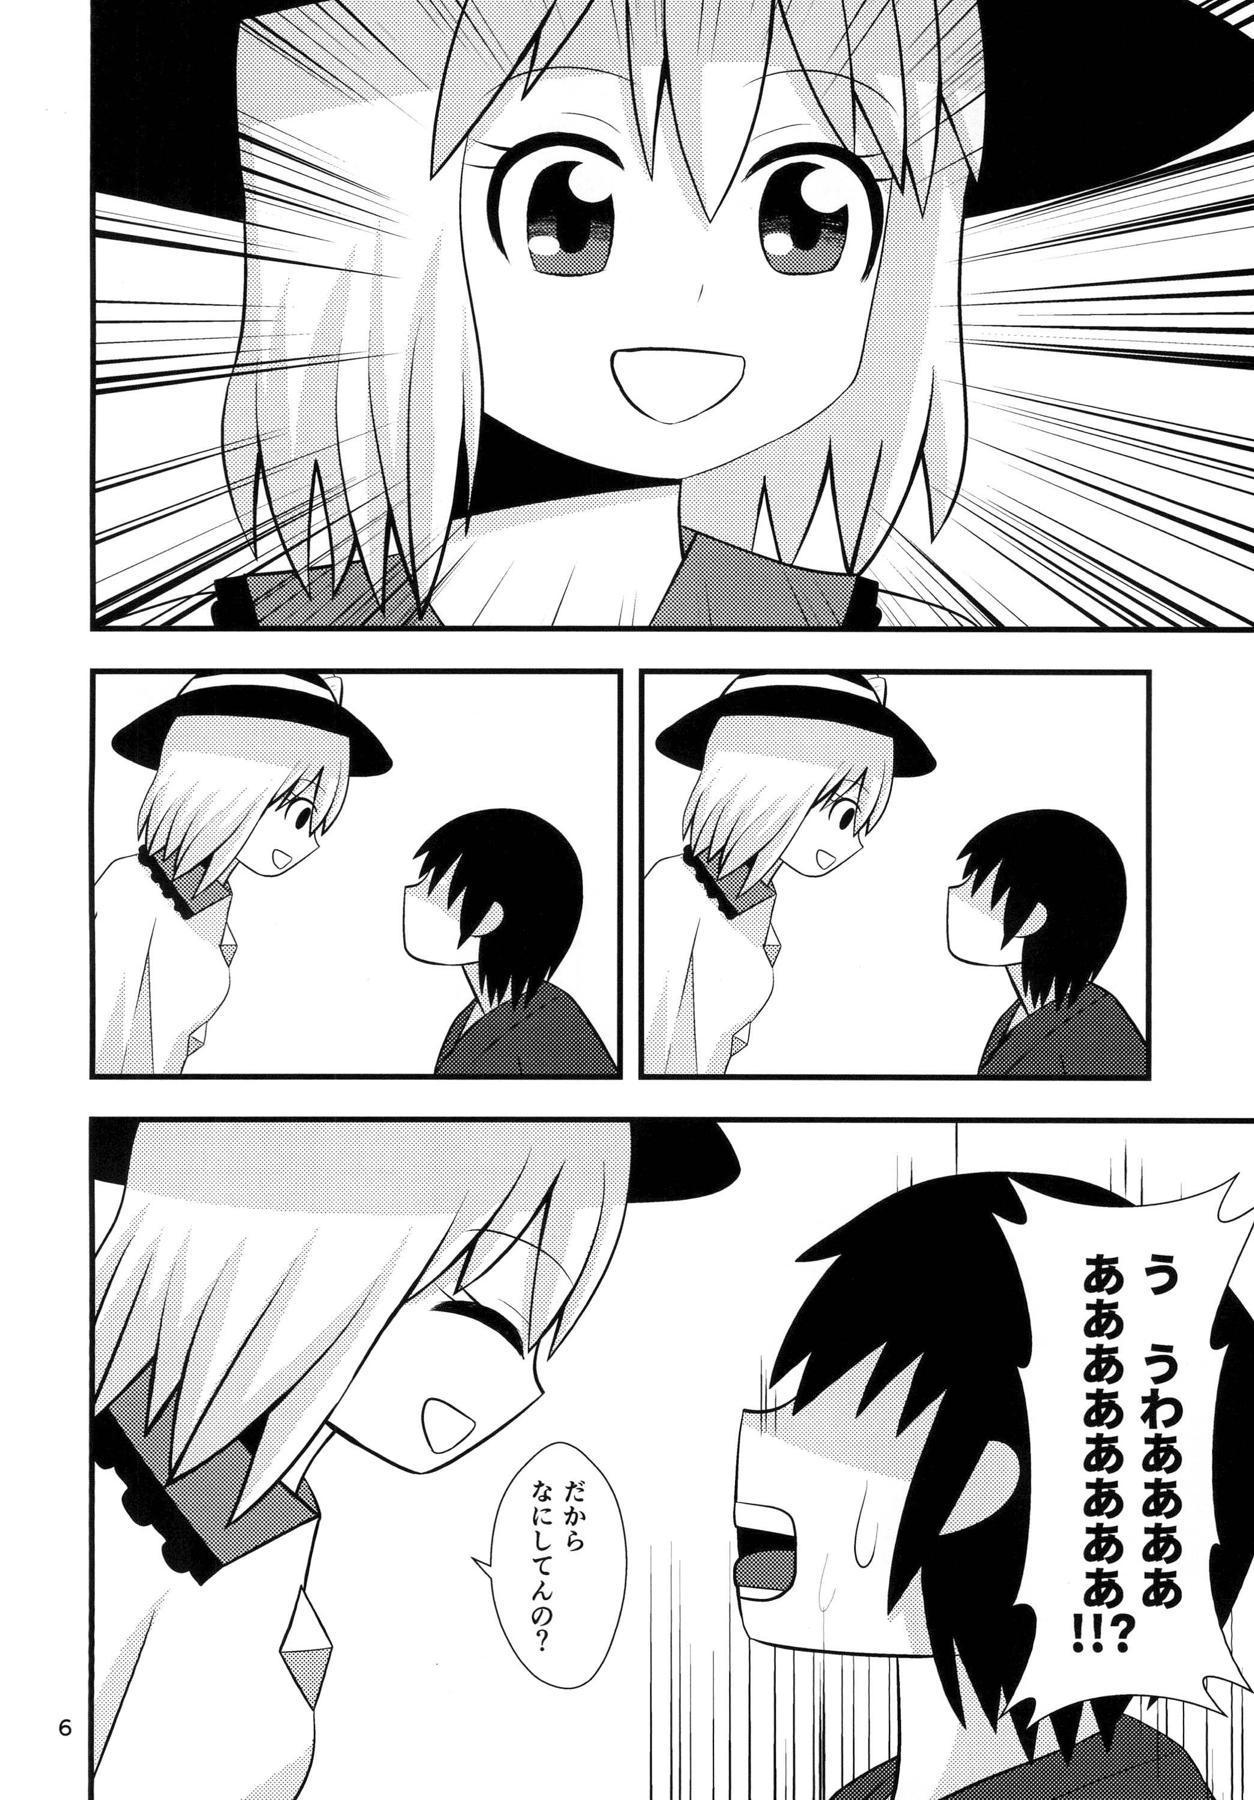 Koishi-chan no Seikatsu 4